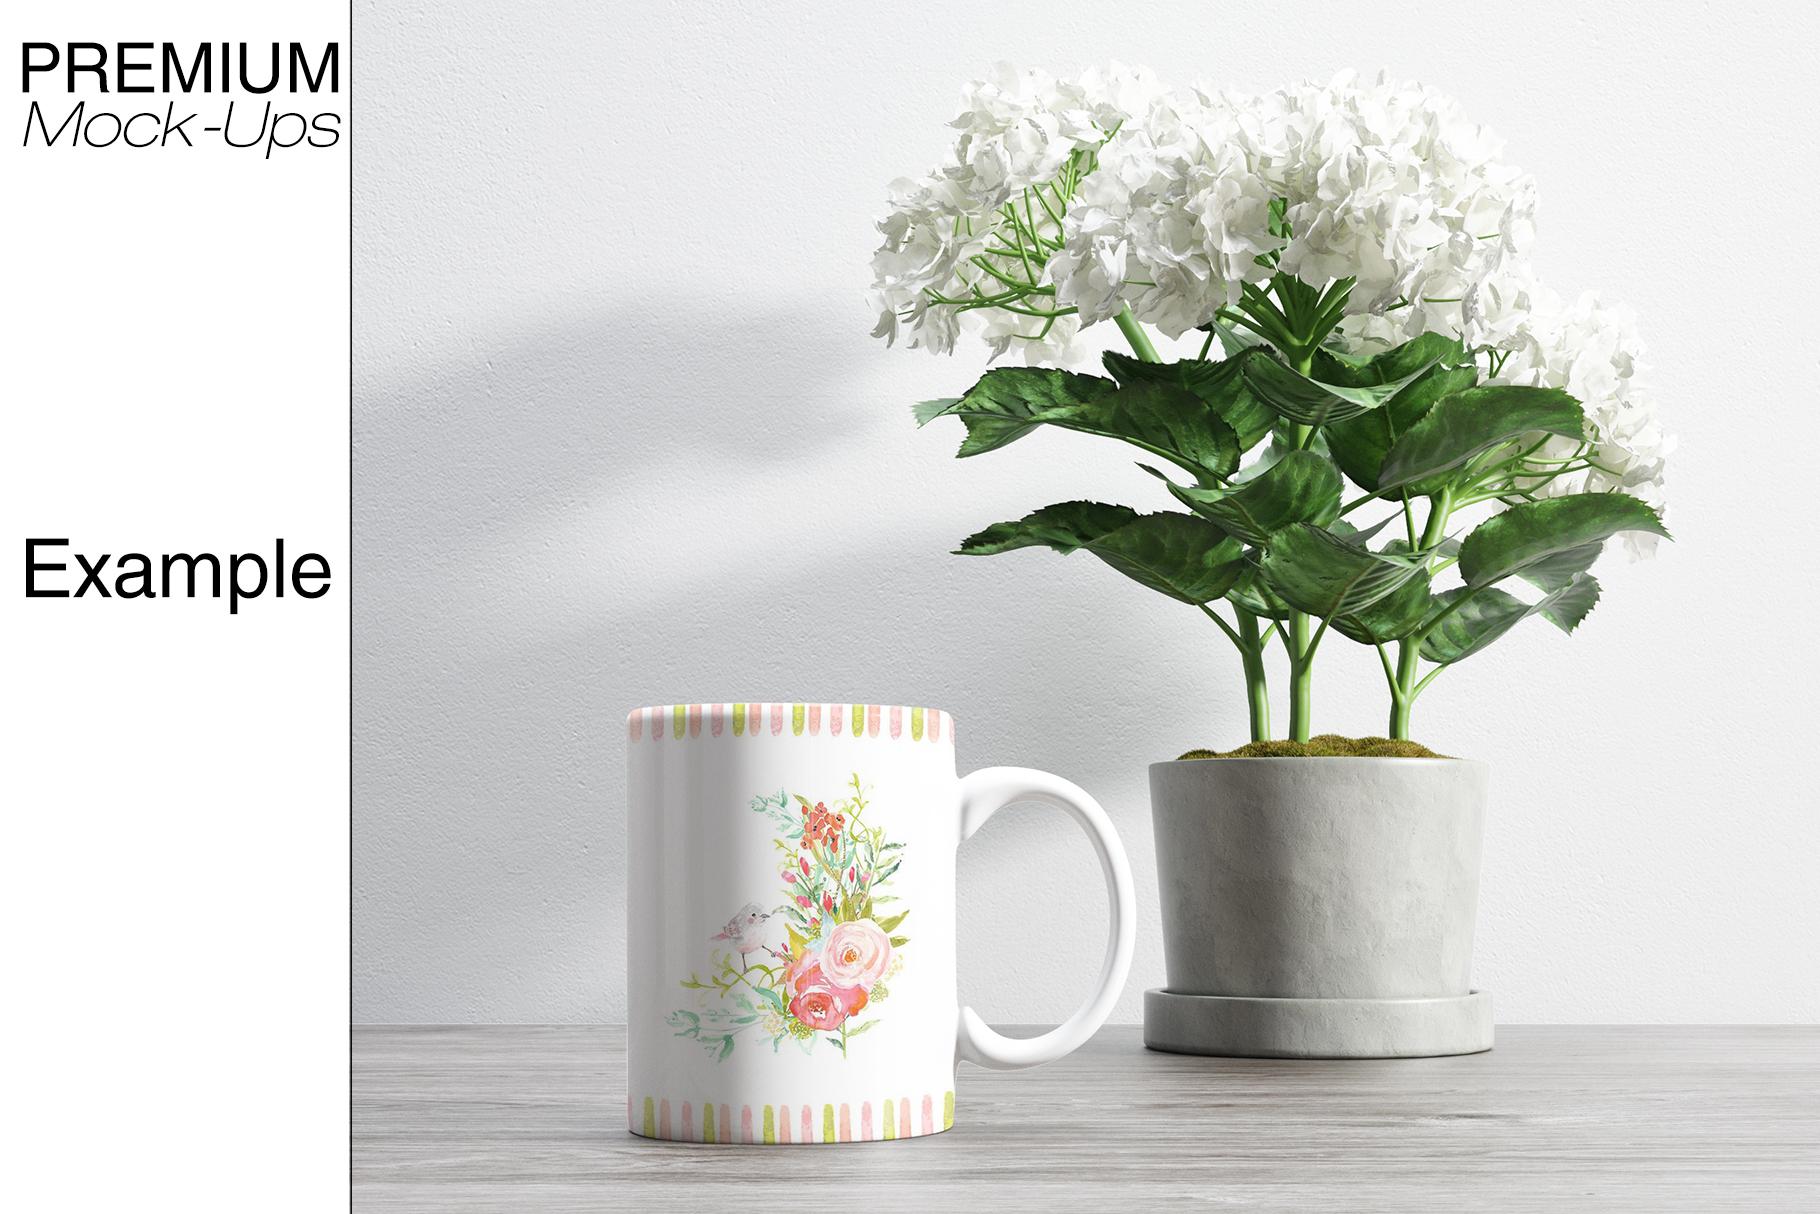 Mug Mockups - Many Shapes example image 16